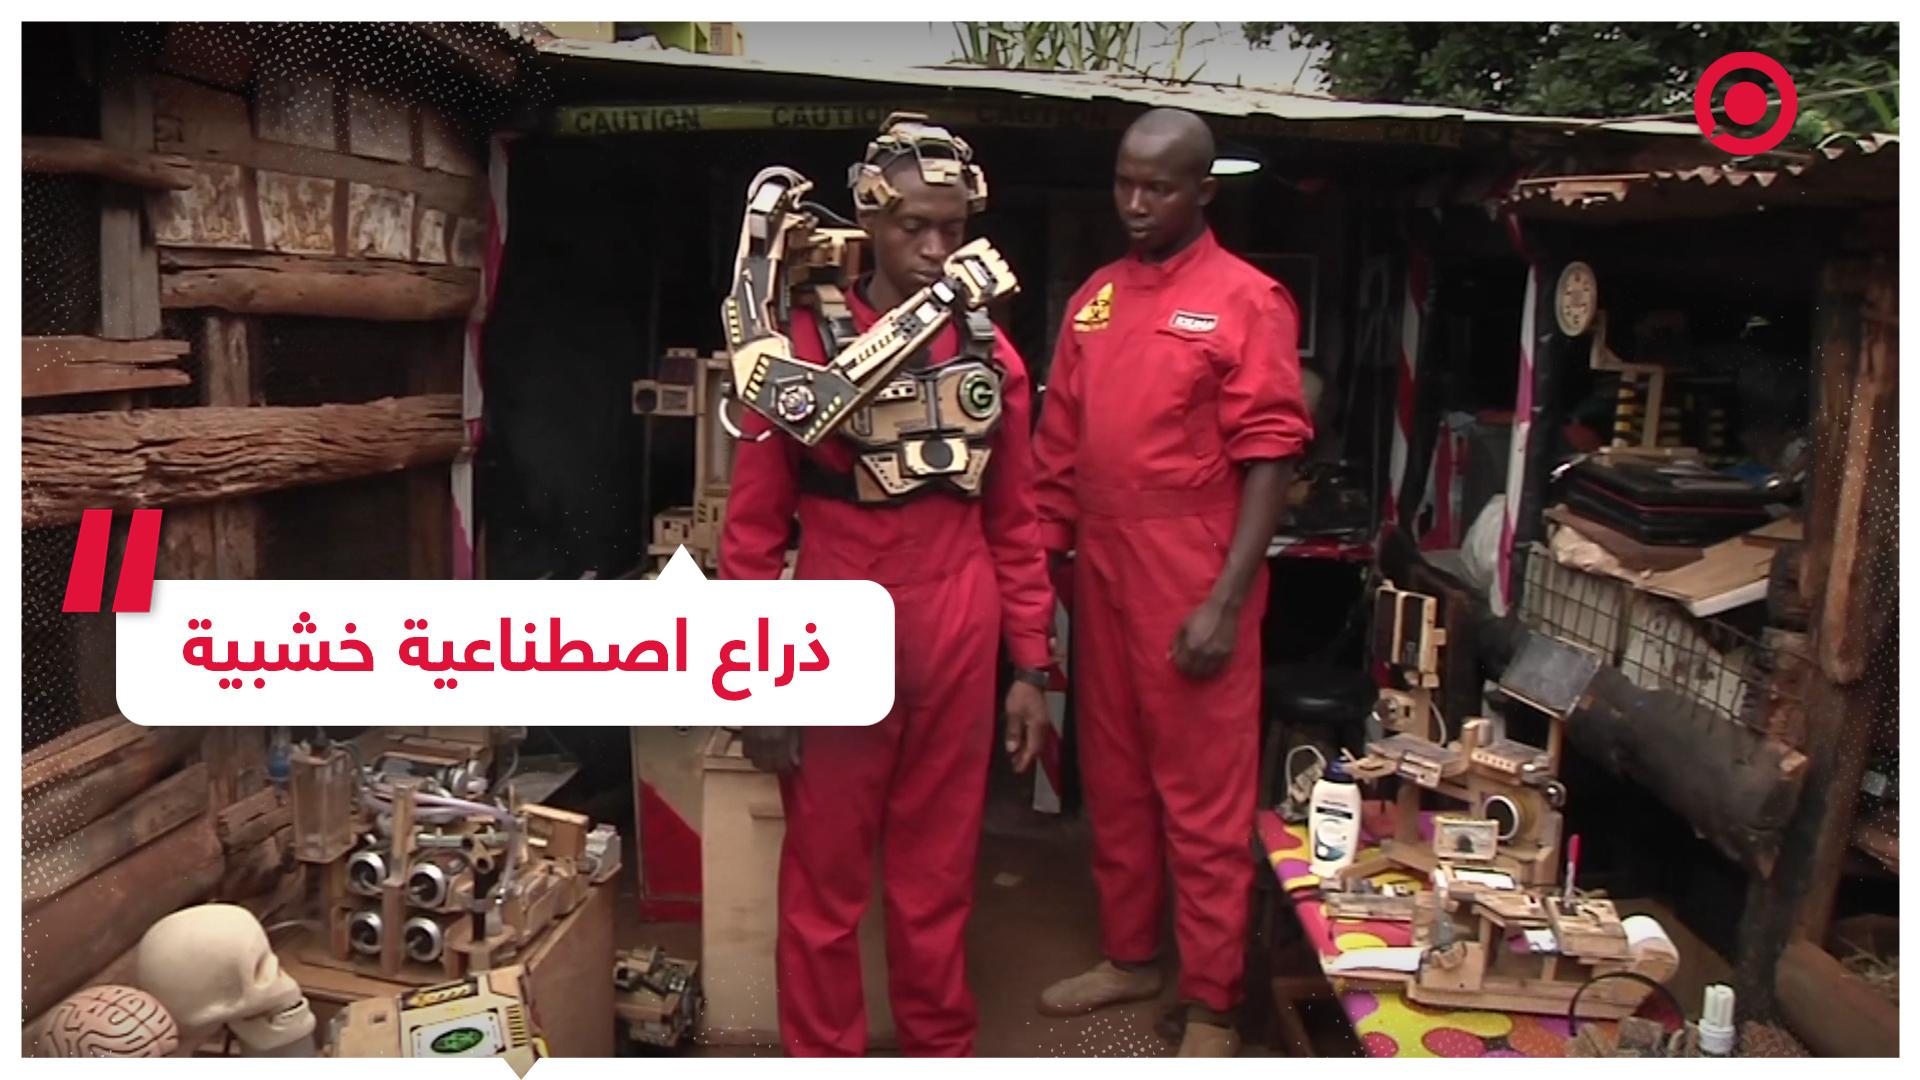 مخترعان من كينيا يطوران ذراعا اصطناعية من الخشب تعتمد على إشارات المخ